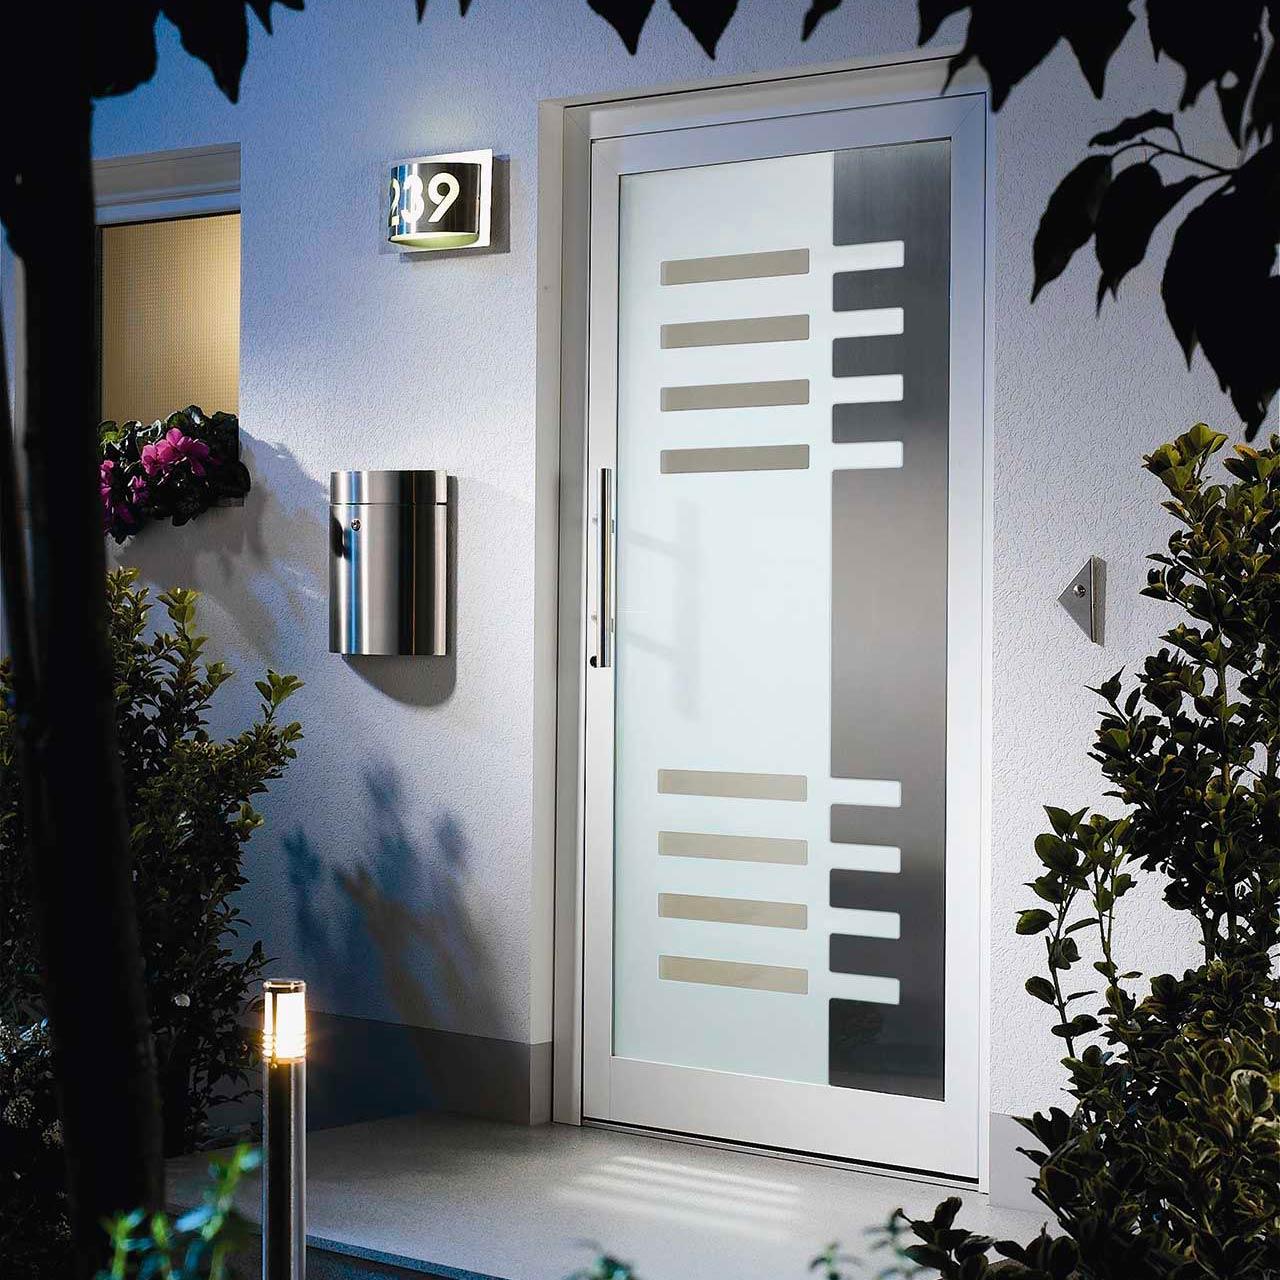 Eine moderne Haustür mit einem Ensemble aus Briefkasten, Wandleuchte und Wegeleuchte